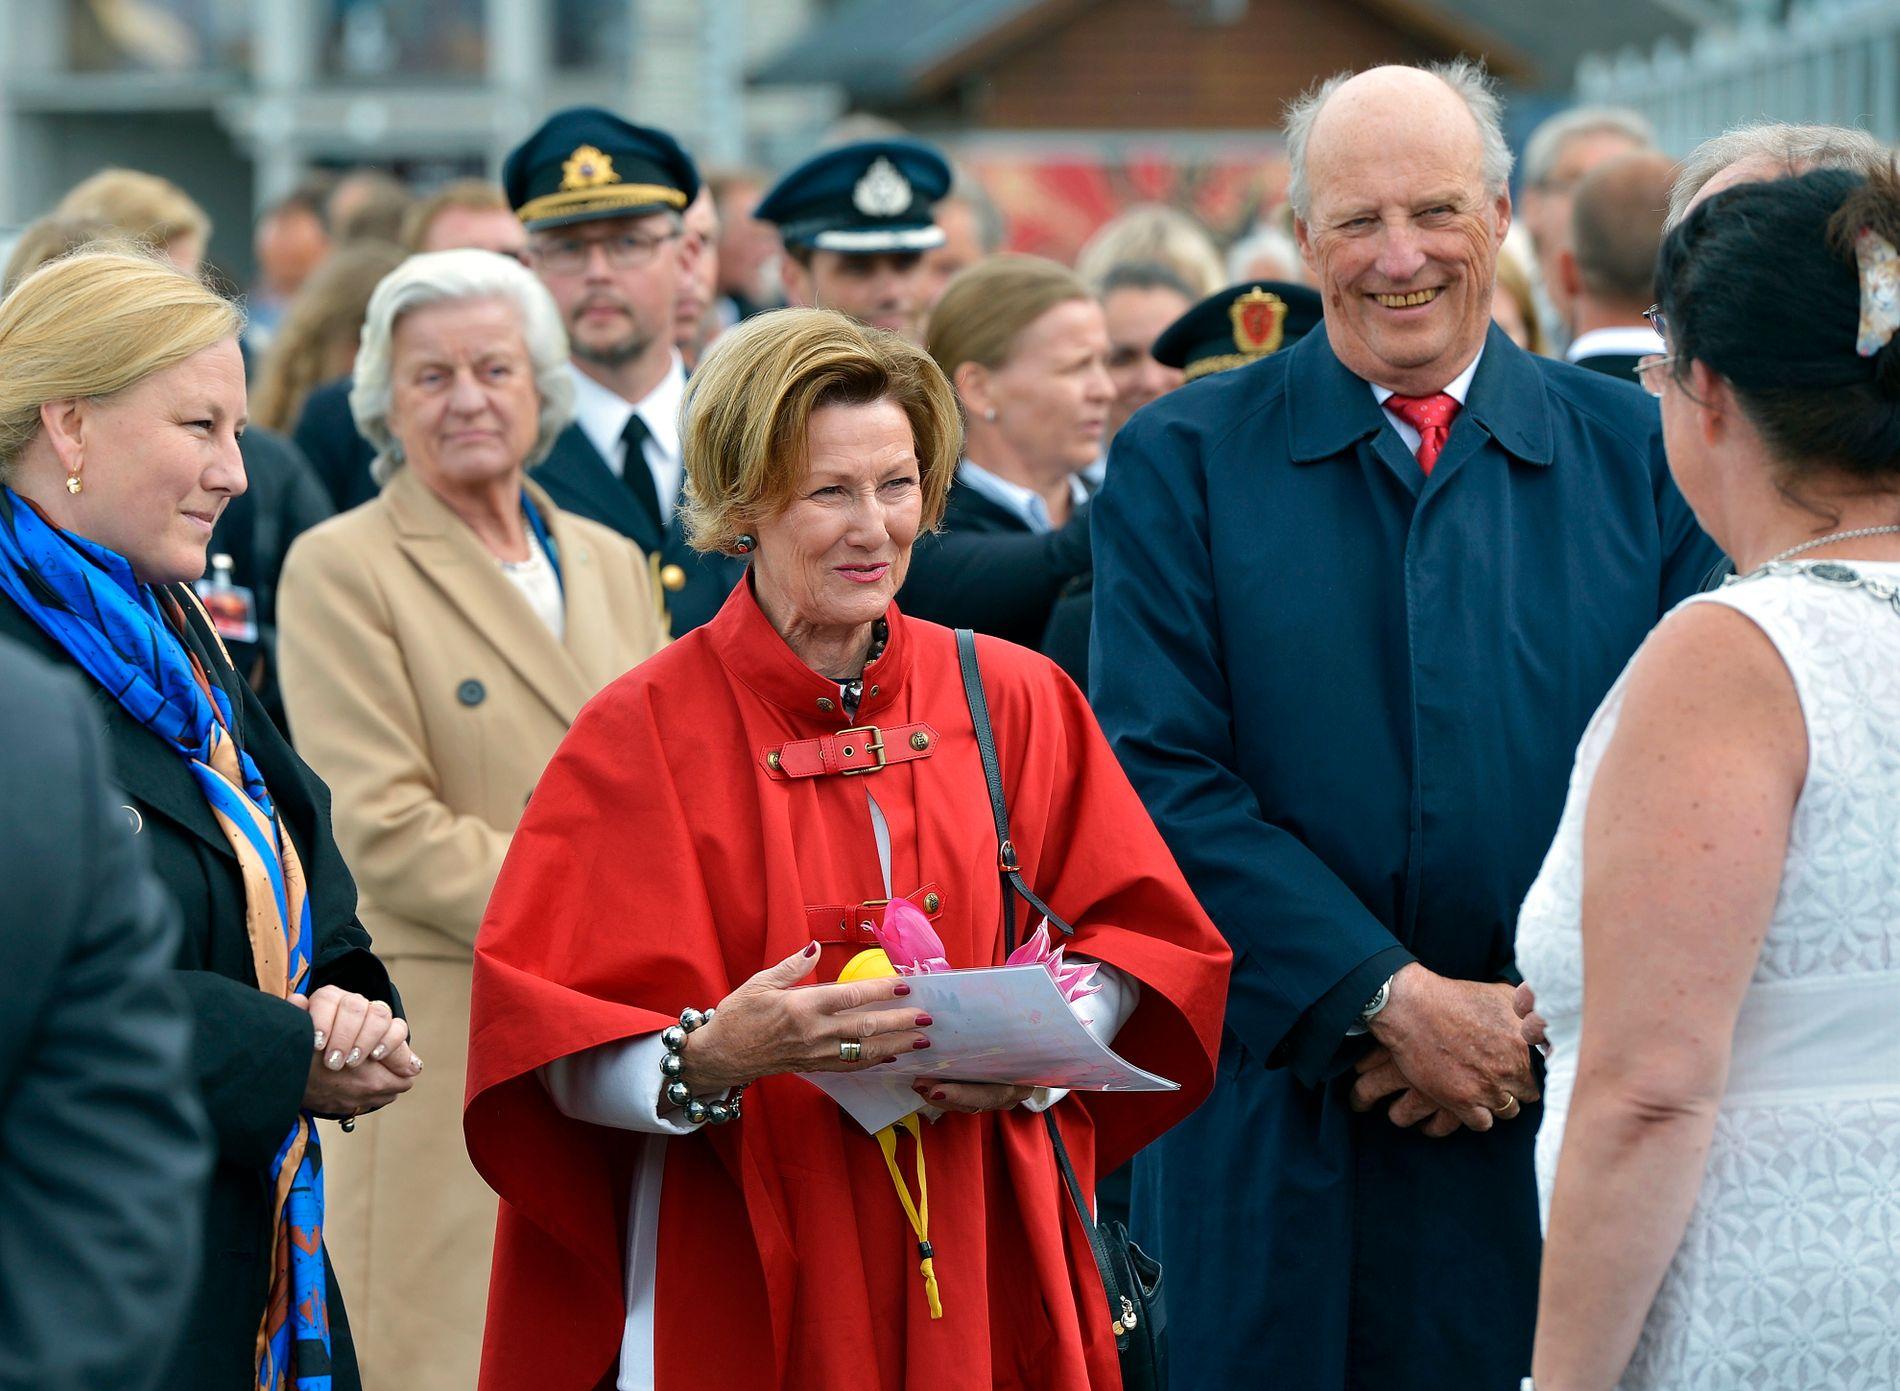 AVVIKLING: Stavanger Aftenblad tar i sin leder til orde for å avvikle monarkiet i Norge.